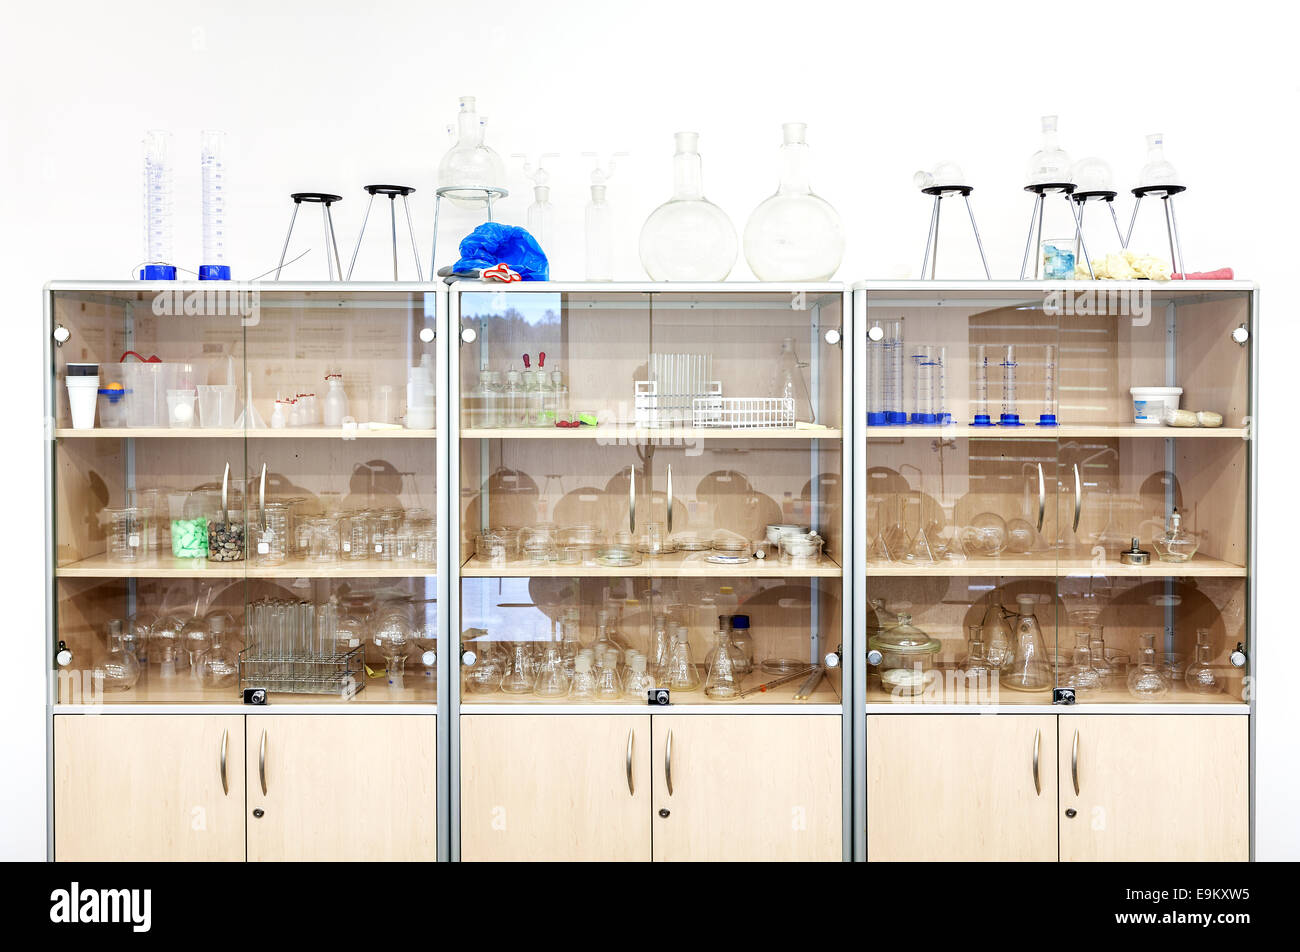 Verschiedenen Laborglas und Ausrüstung in den Regalen. Stockbild